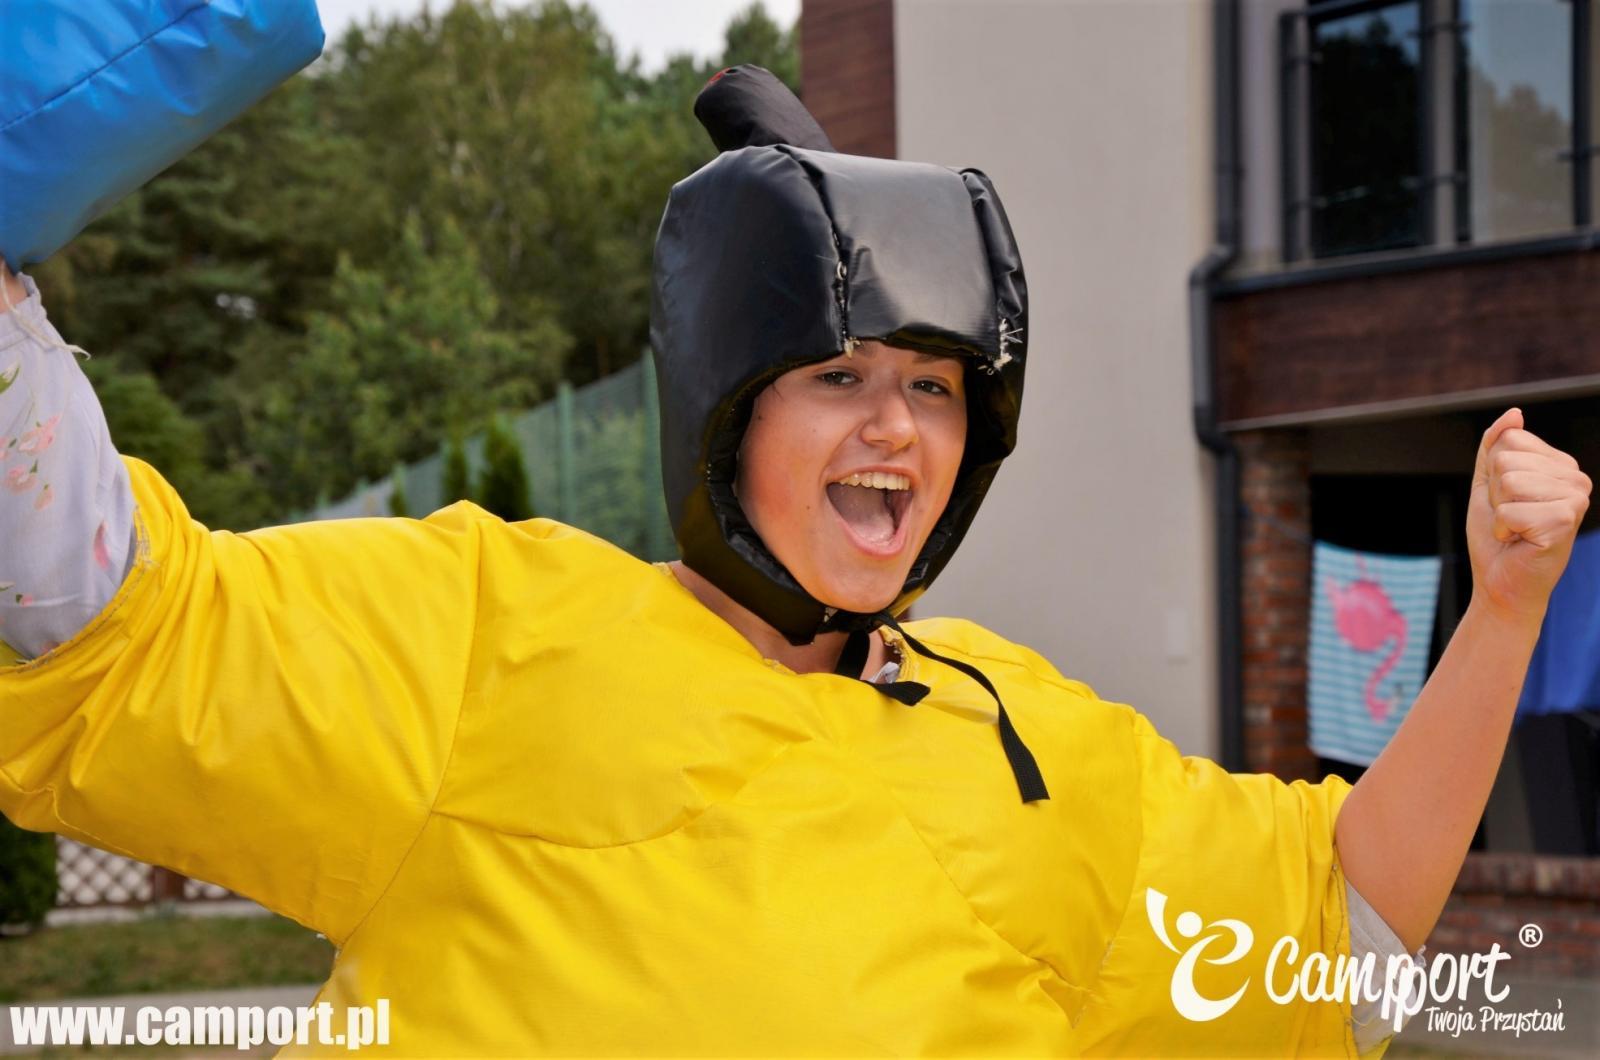 Dziewczyna ubrana w gruby żółty strój imitujący masę sumity, wykonuje gest zwycięstwa unosząc ręce do góry